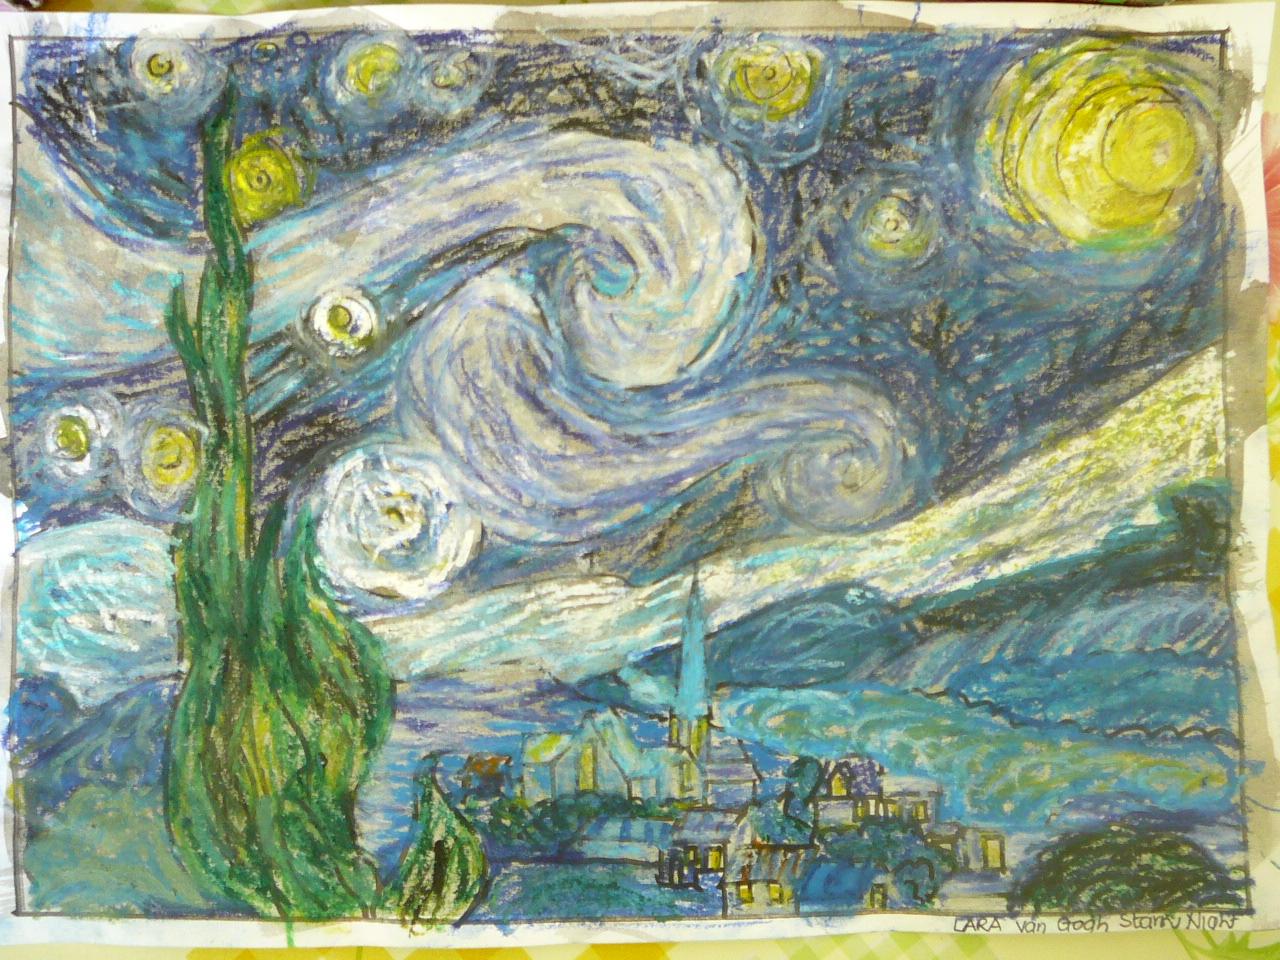 Van Gogh Starry Night Art Appreciation